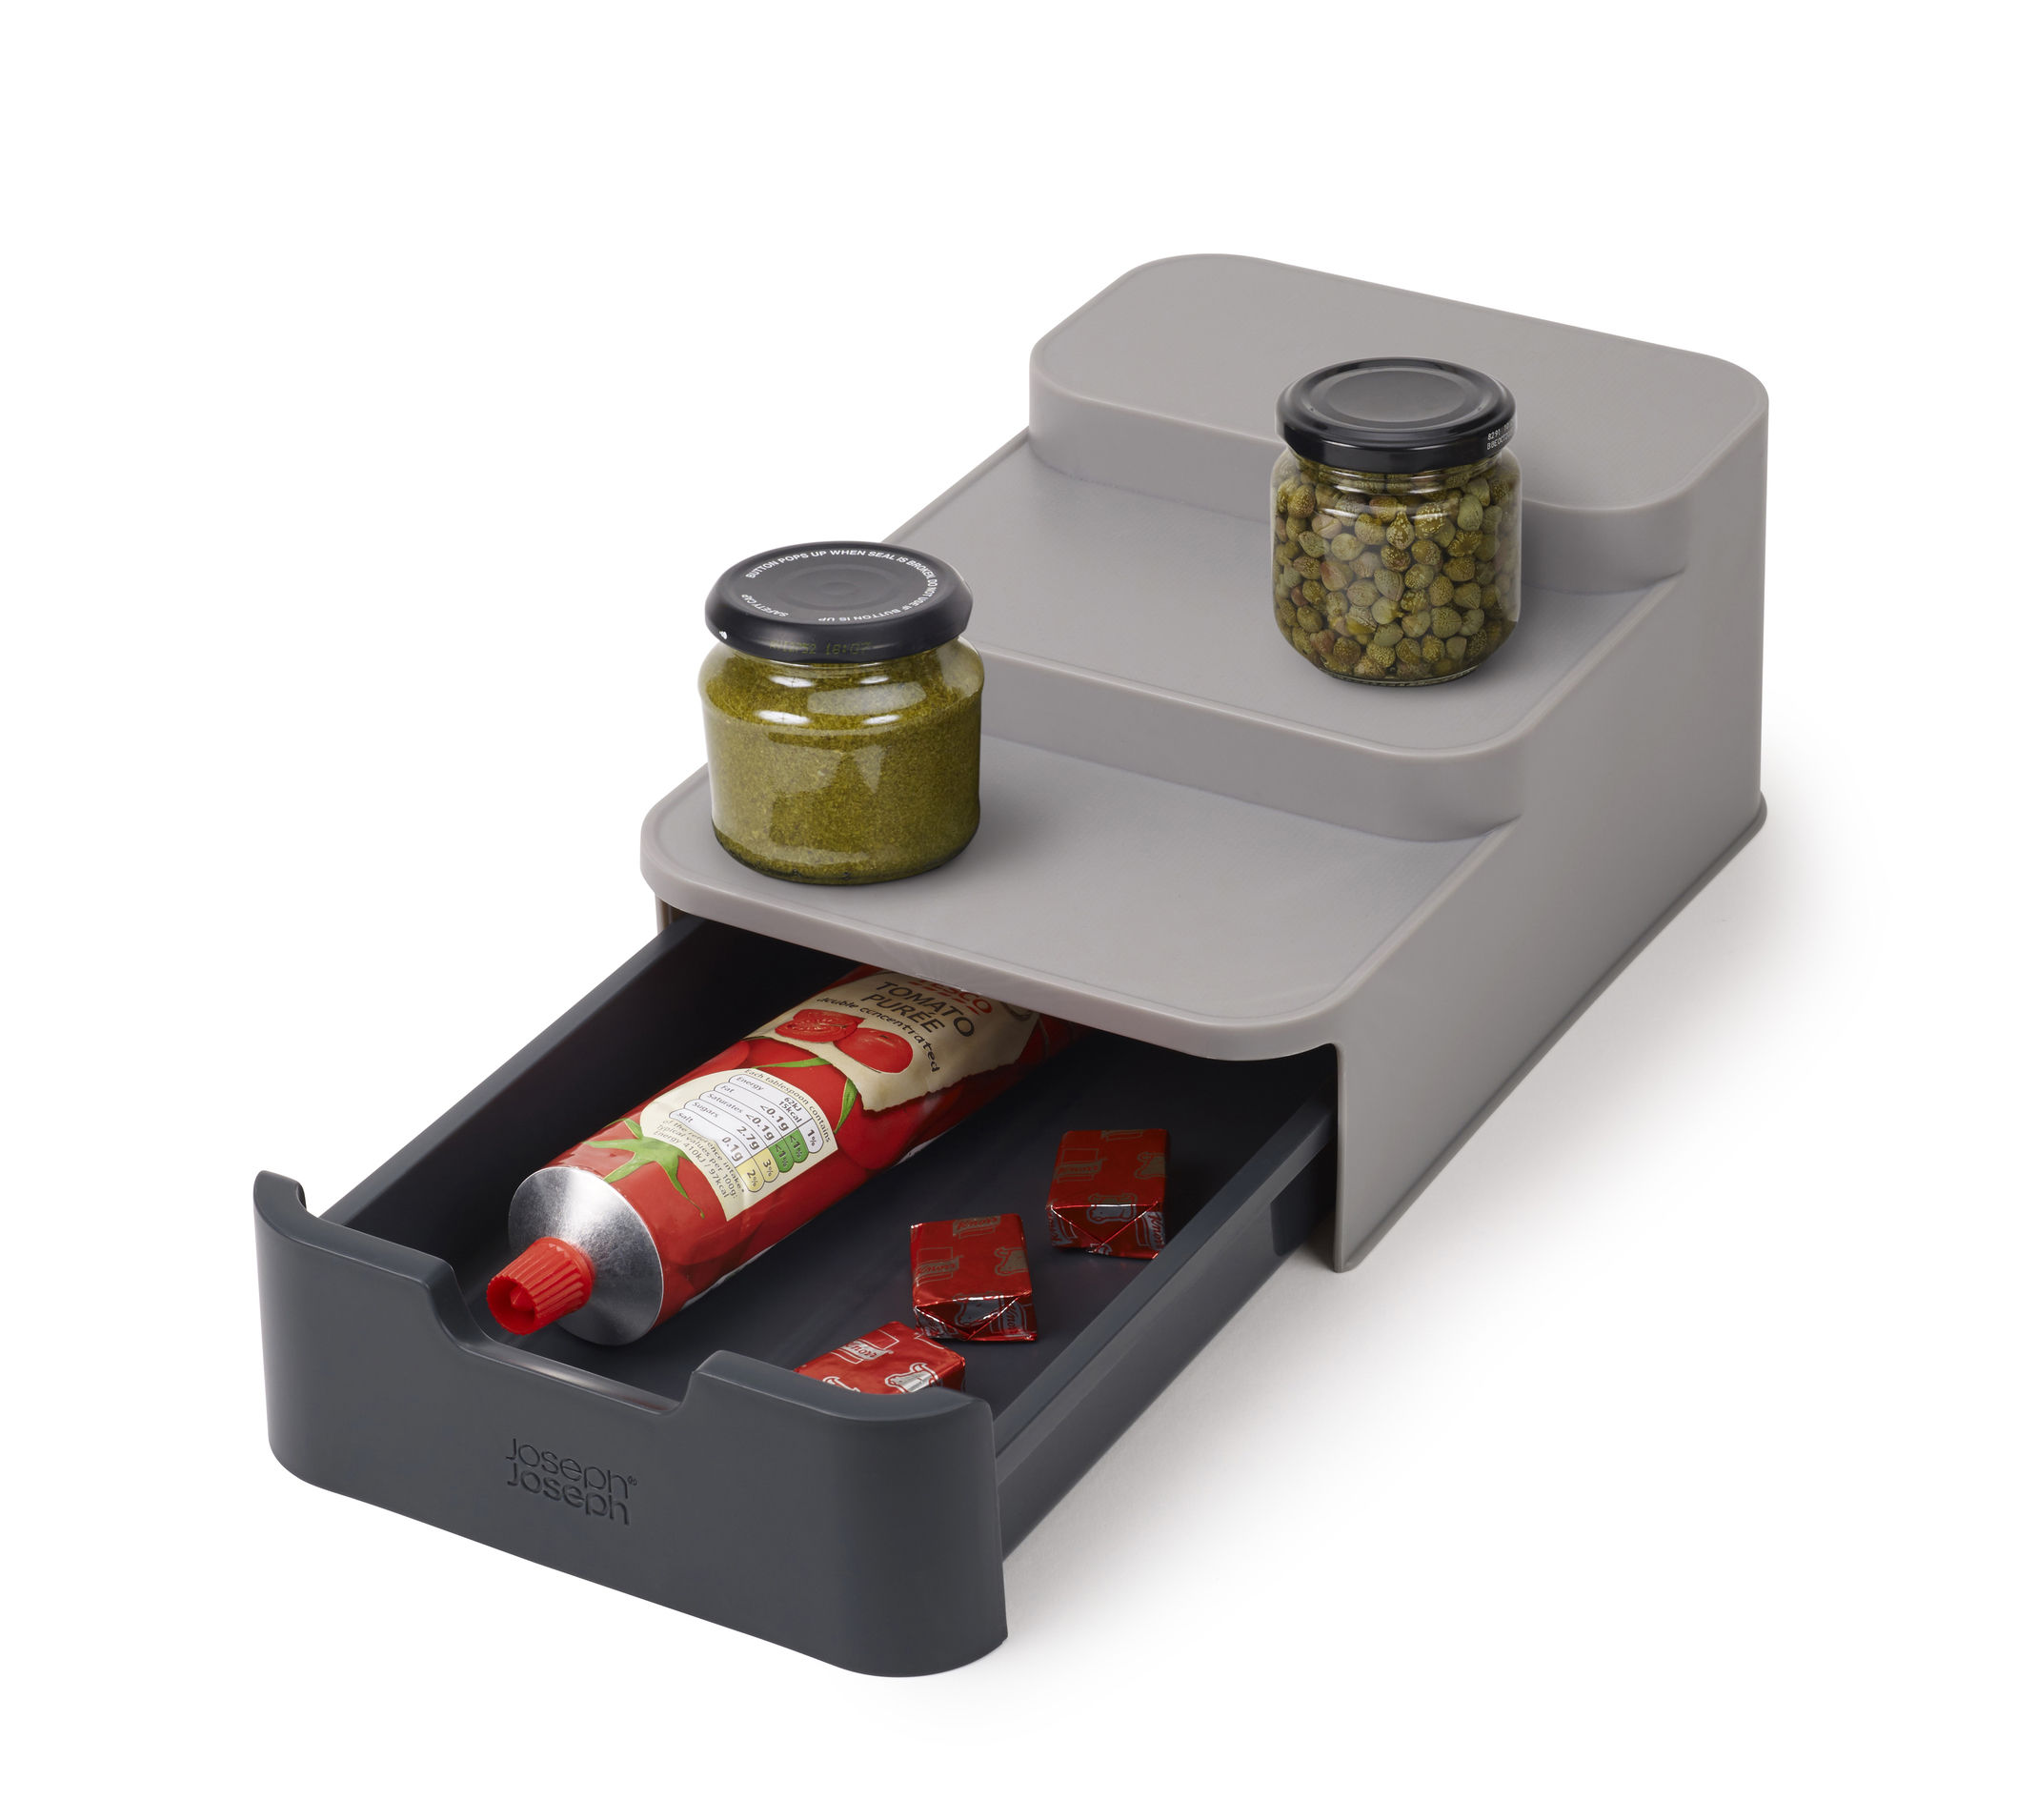 Cuisine - Boîtes, pots et bocaux - Organisateur de placard / 3 niveaux & tiroir - L 16,5 x P 26 cm - Joseph Joseph - Gris - Polypropylène